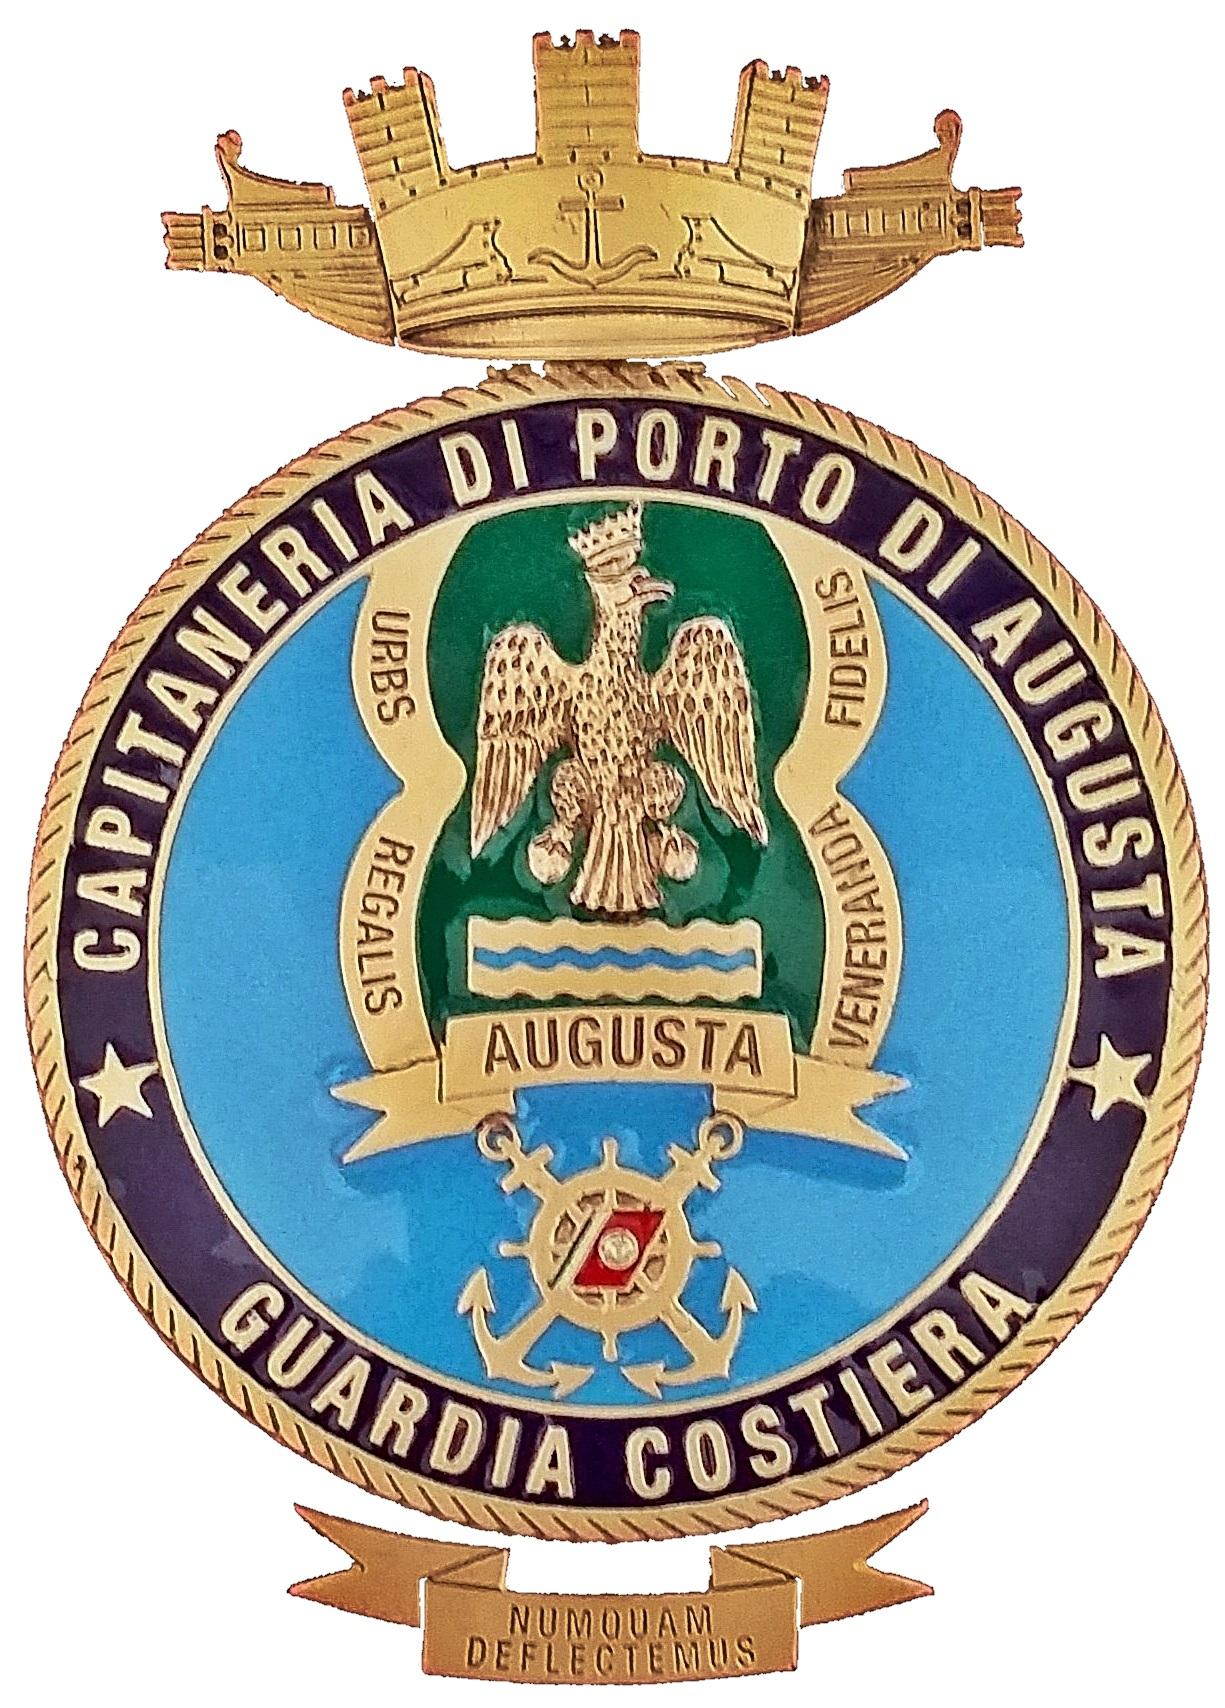 Augusta, Vilipendio a Corpi Militari e di Polizia dello Stato, minacce ed ennesime dichiarazioni ingiuriose pubblicate sul web